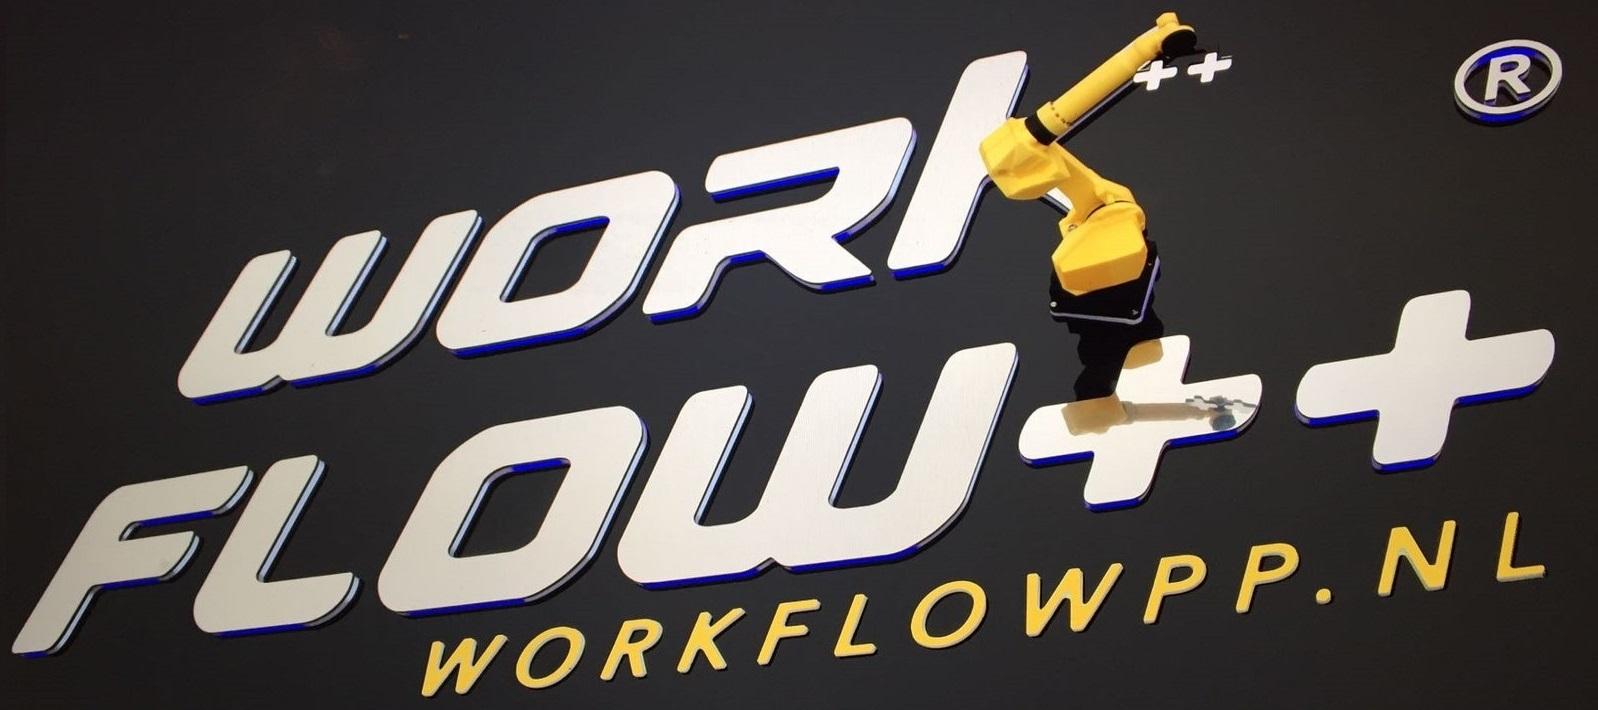 Workflowpp.nl